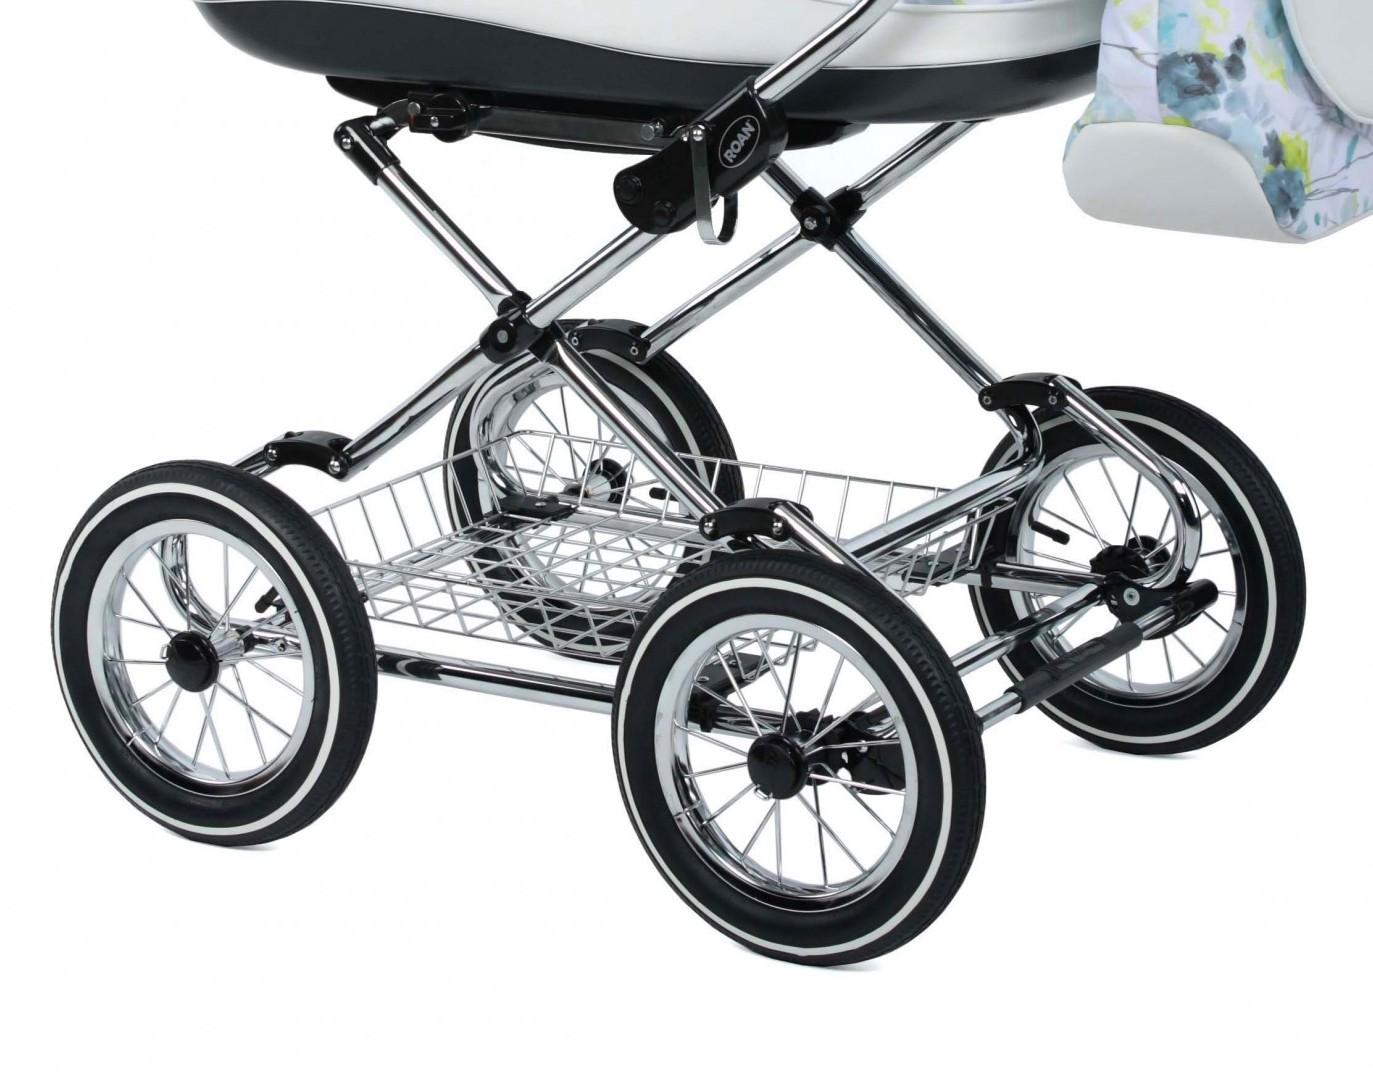 Детская коляска для новорожденных 3 в 1, Roan Emma - Роан Эмма, новинка, самая модная коляска для новорожденных, модные коляски 2018, купить коляску для новорожденного, детские коляски роан, детские коляски roan, Roan Emma